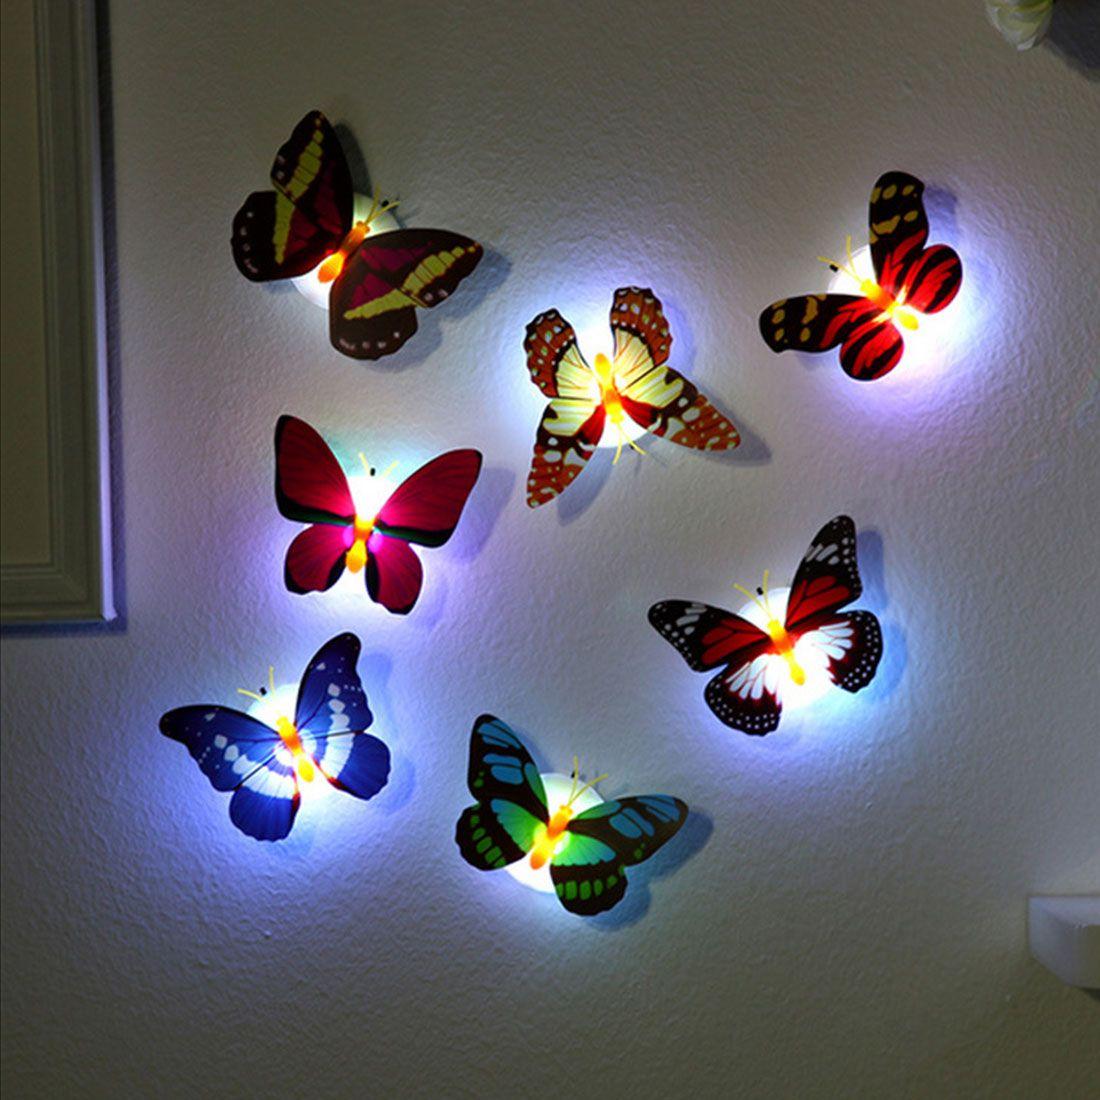 석션 패드 홈 파티 데스크 벽 장식 다채로운 변경하기 나비 실내 조명과 LED 조명 밤 분위기 램프